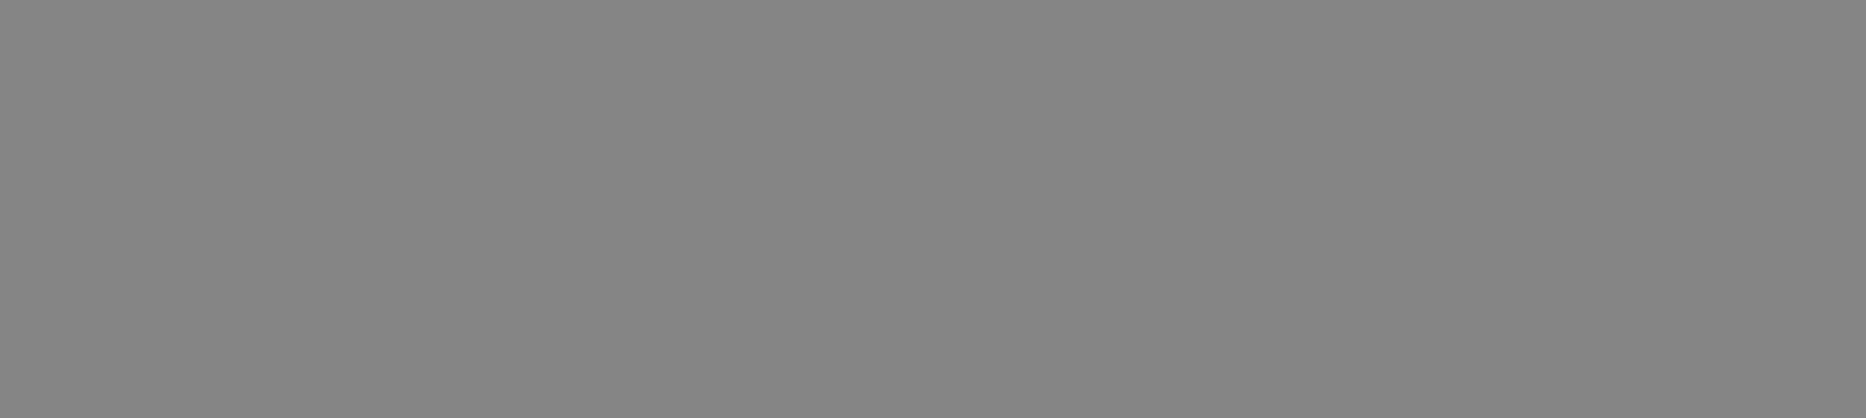 ccs19_0219_medallia_logo_g